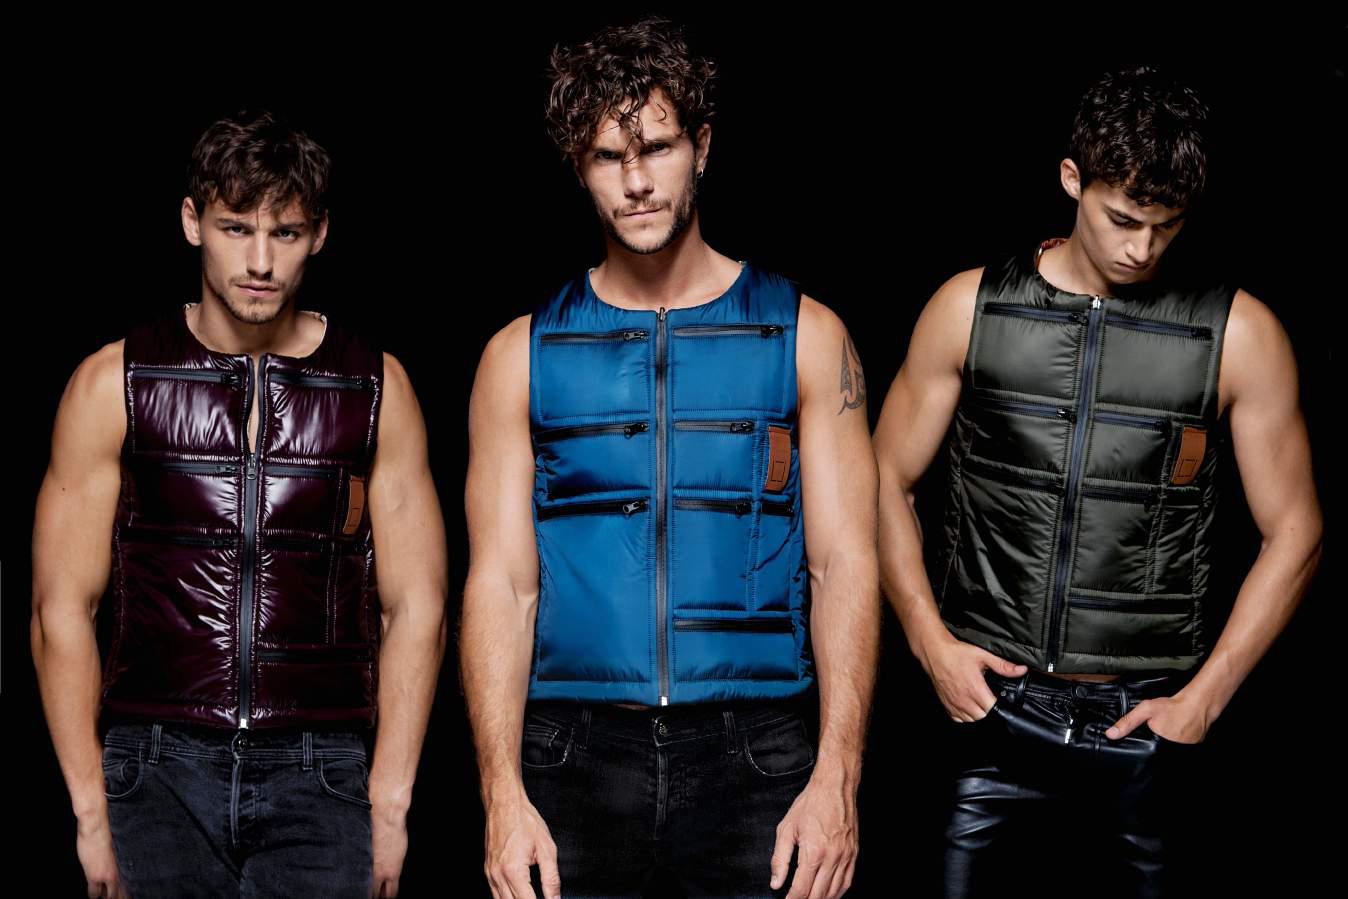 Elbio Bonsaglio, Mariano Ontañon + Alessio Pozzi Front Letasca Spring/Summer 2015 Campaign